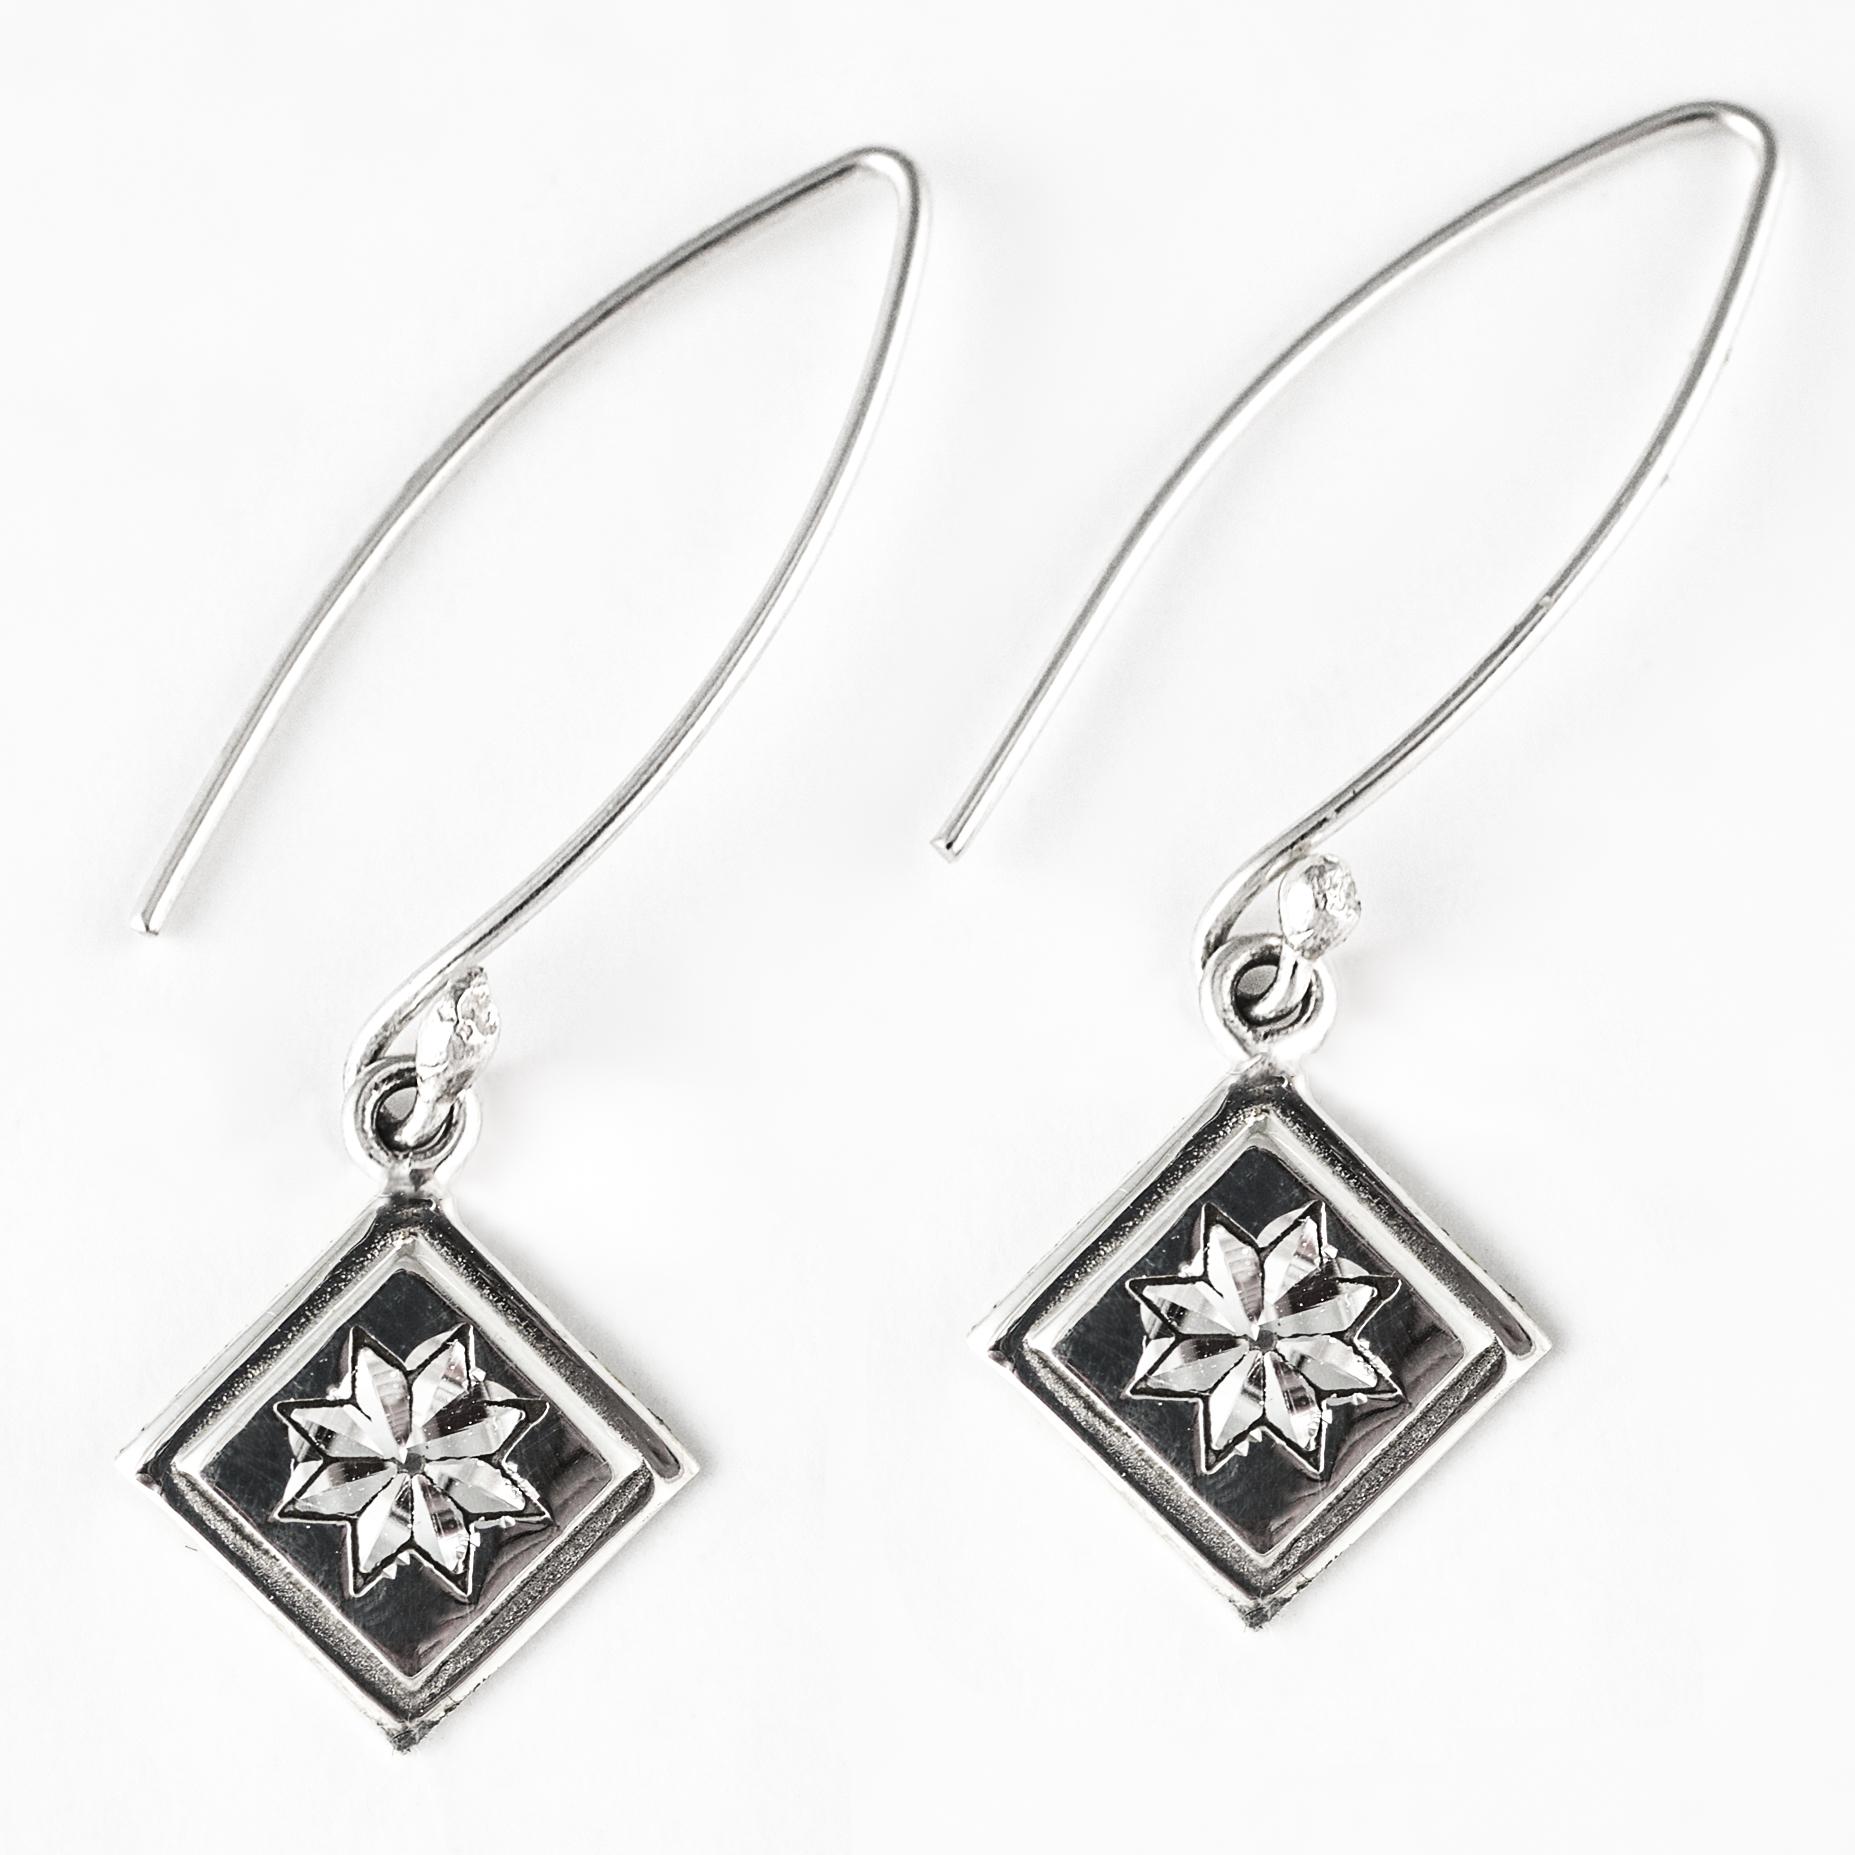 Lemoyne Star Quilt Jewelry Long Wire Earrings